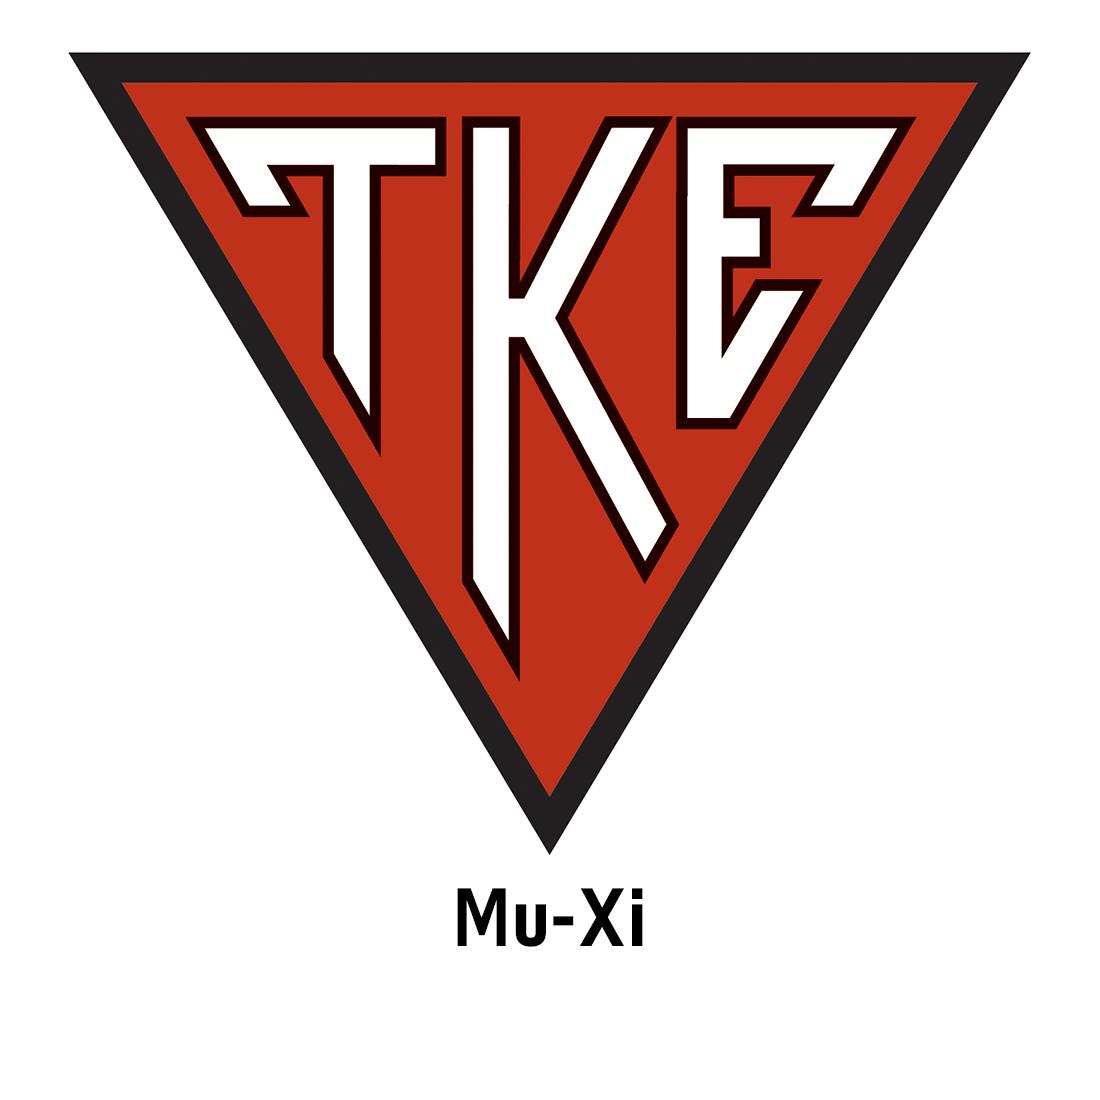 Mu-Xi Chapter